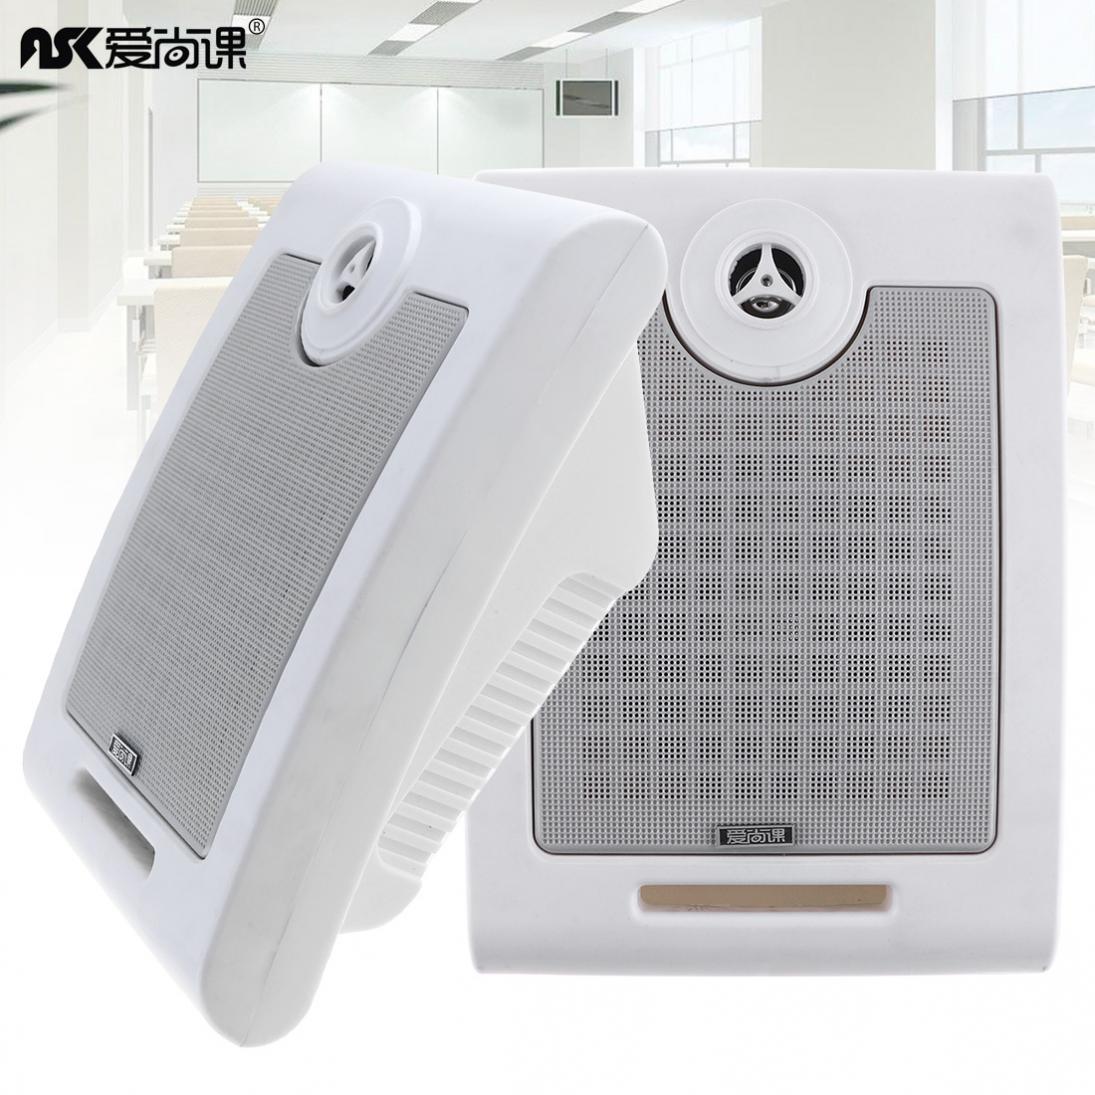 Pública para Parque Lote Moda Wall-montado Teto Speaker Transmissão Escola Shopping 2 Pçs – 10w